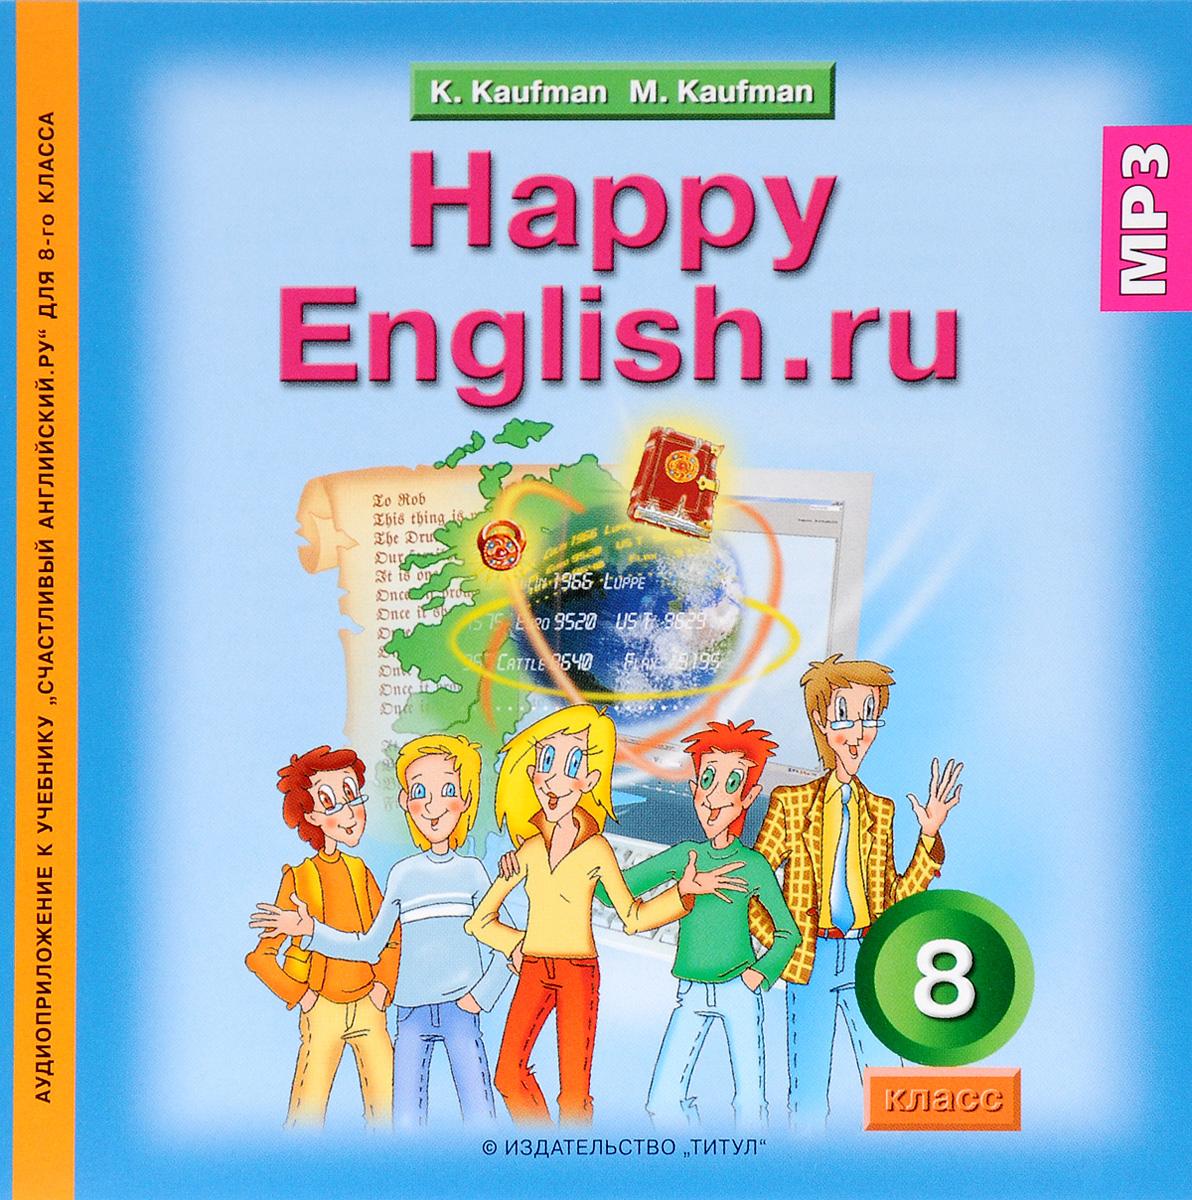 Happy English.ru 8 / Счастливый английский.ру. Английский язык. 8 класс. Электронное учебное пособие